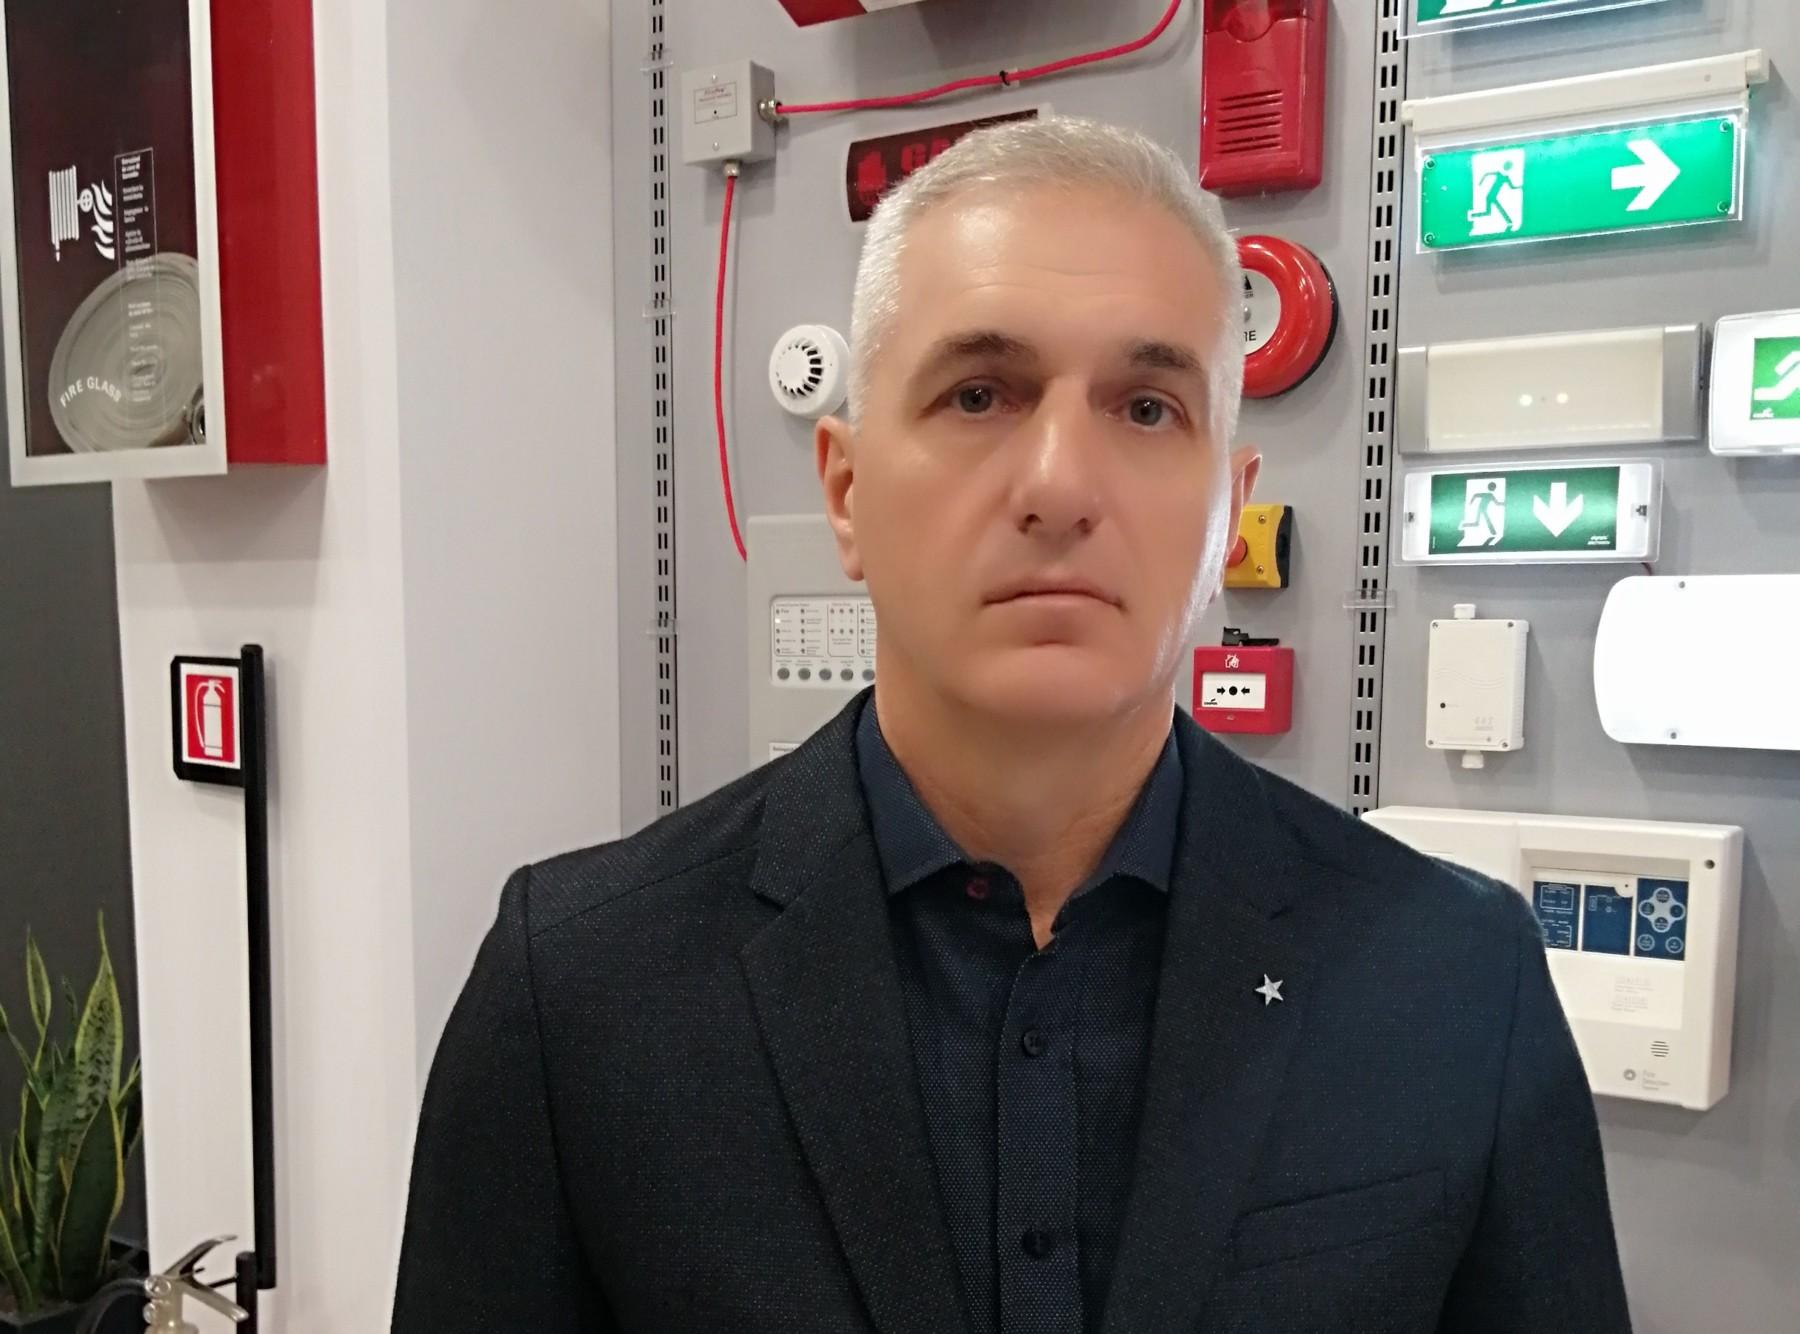 Ο κ. Θωμάς Χαρίτος είναι επιχειρηματίας, ιδιοκτήτης εταιρίας πυρόσβεσης